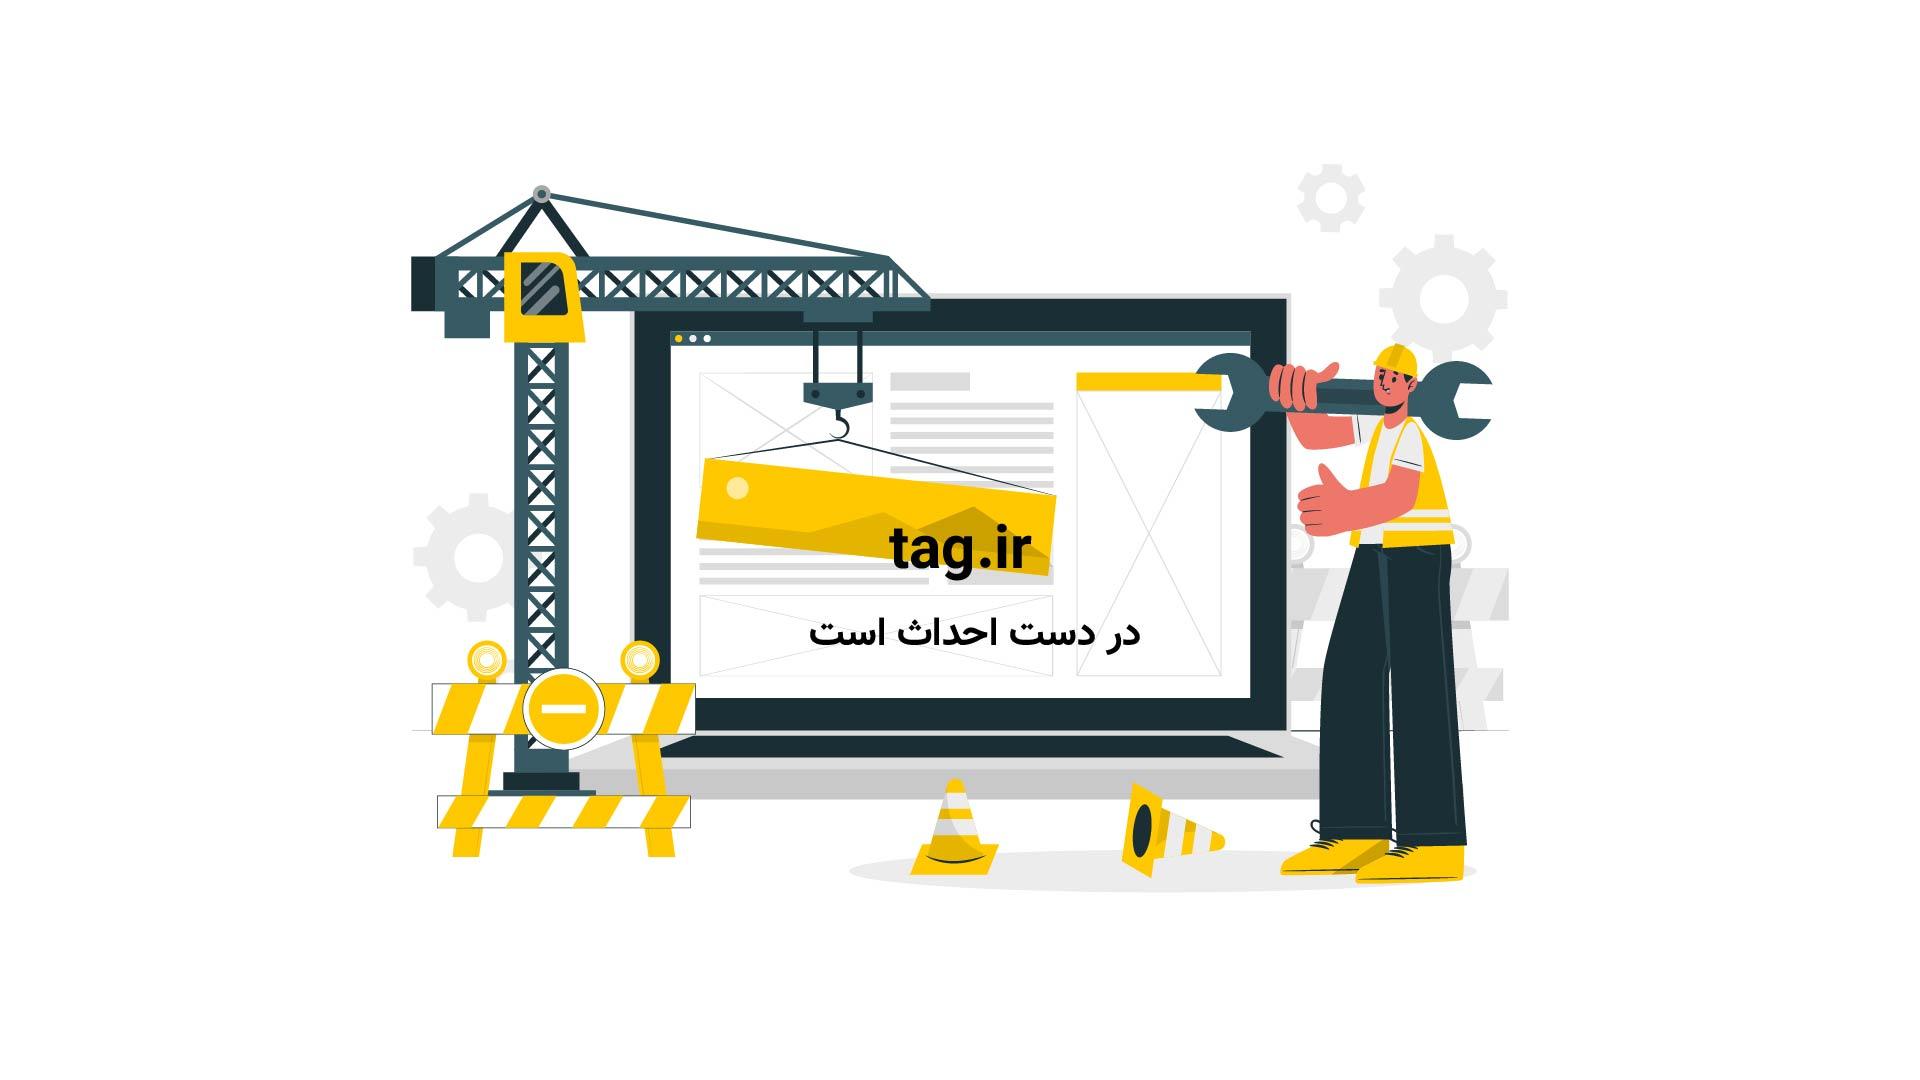 دیوار واقعیت مجازی | تگ